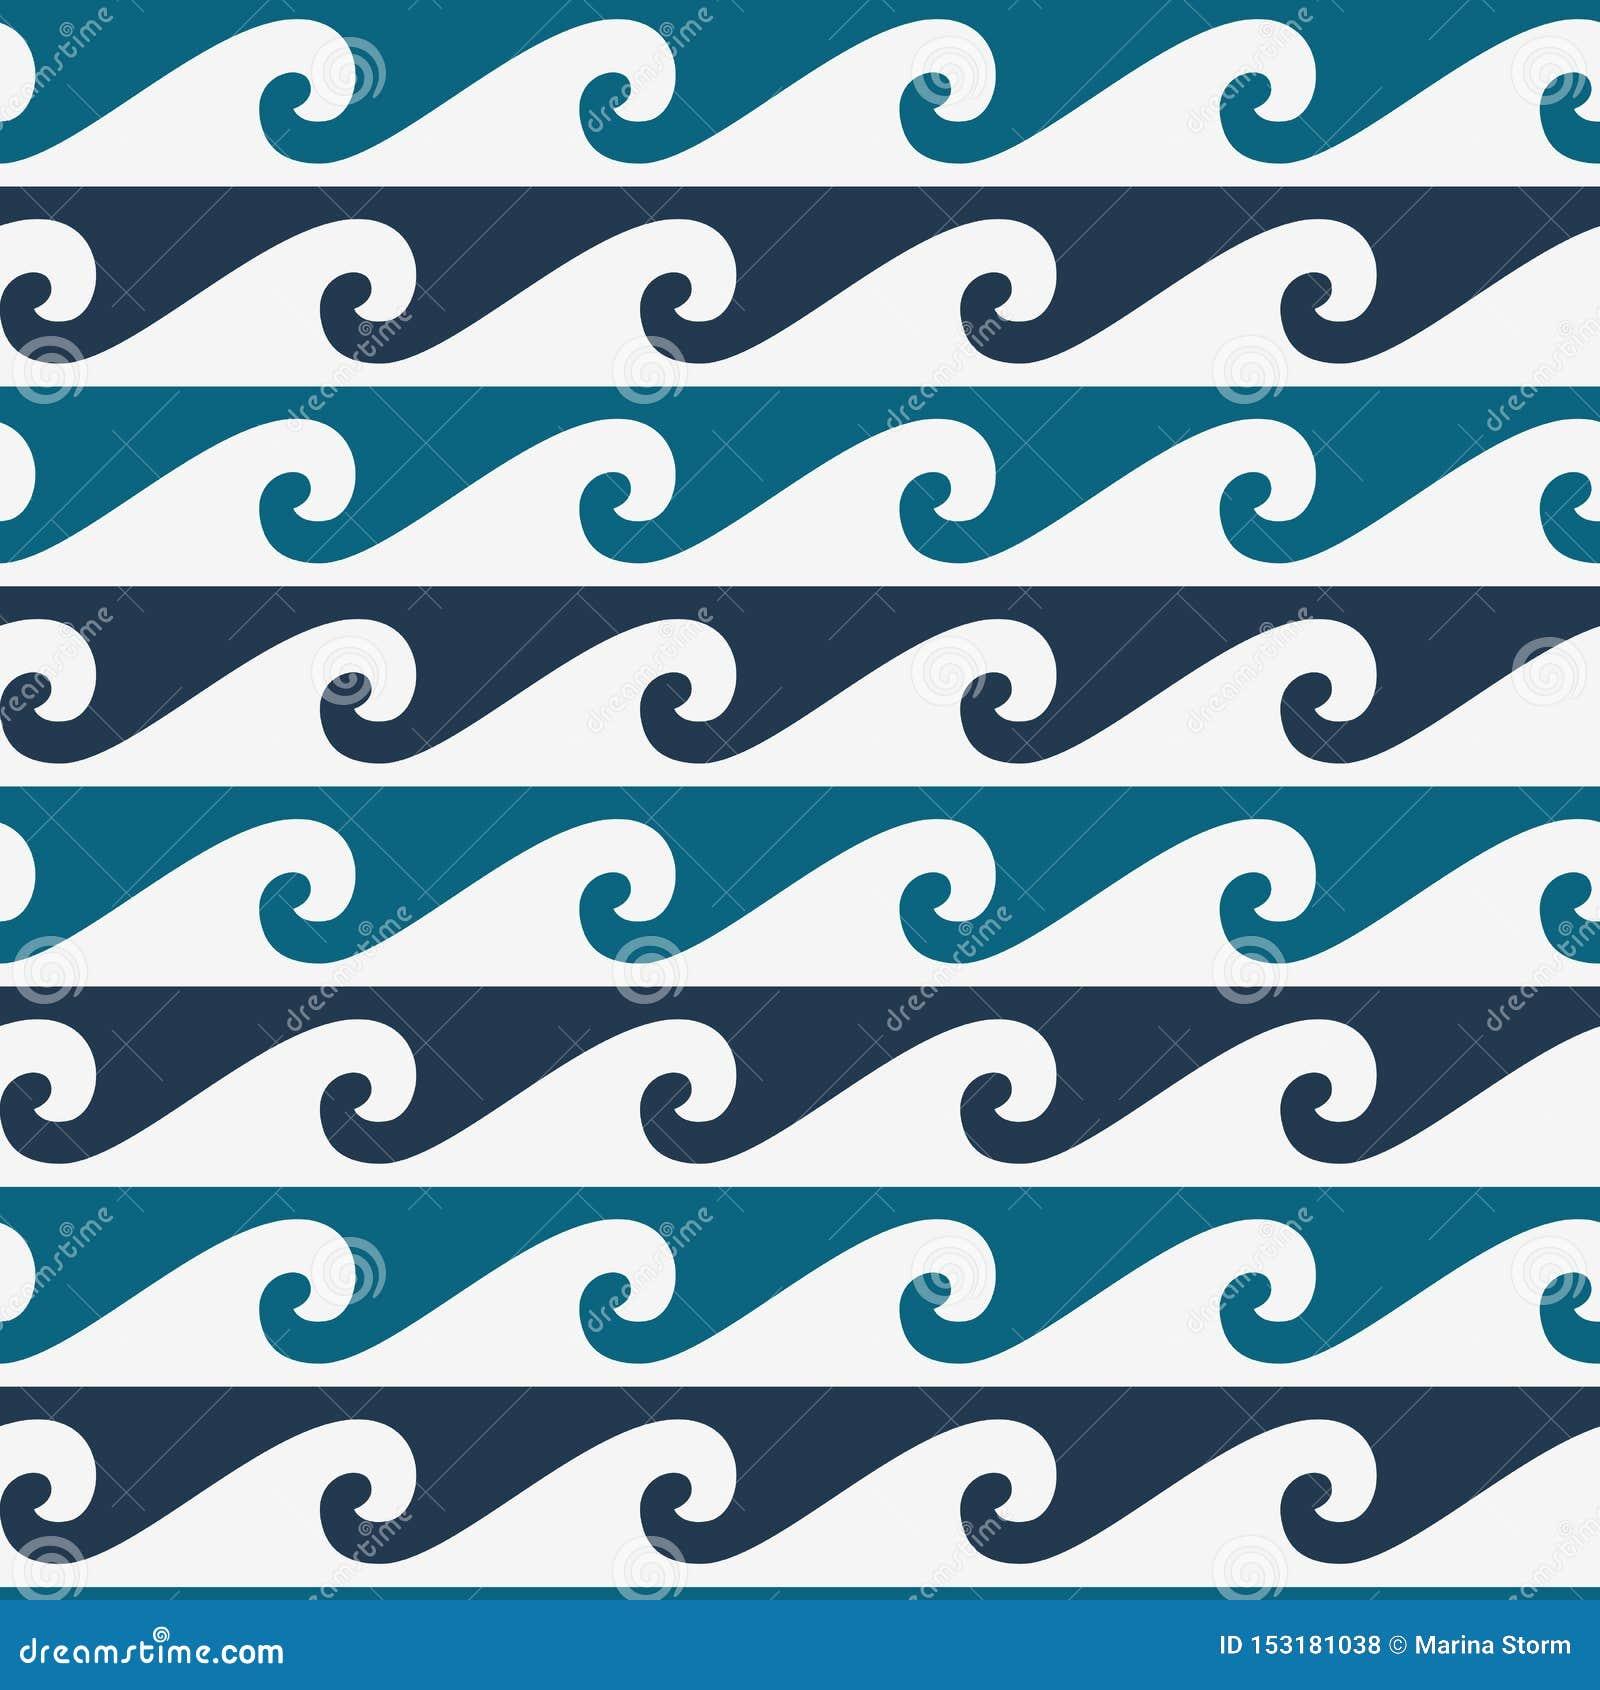 Blå och vit sömlös vågmodell, linje vågprydnad i maori tatueringstil